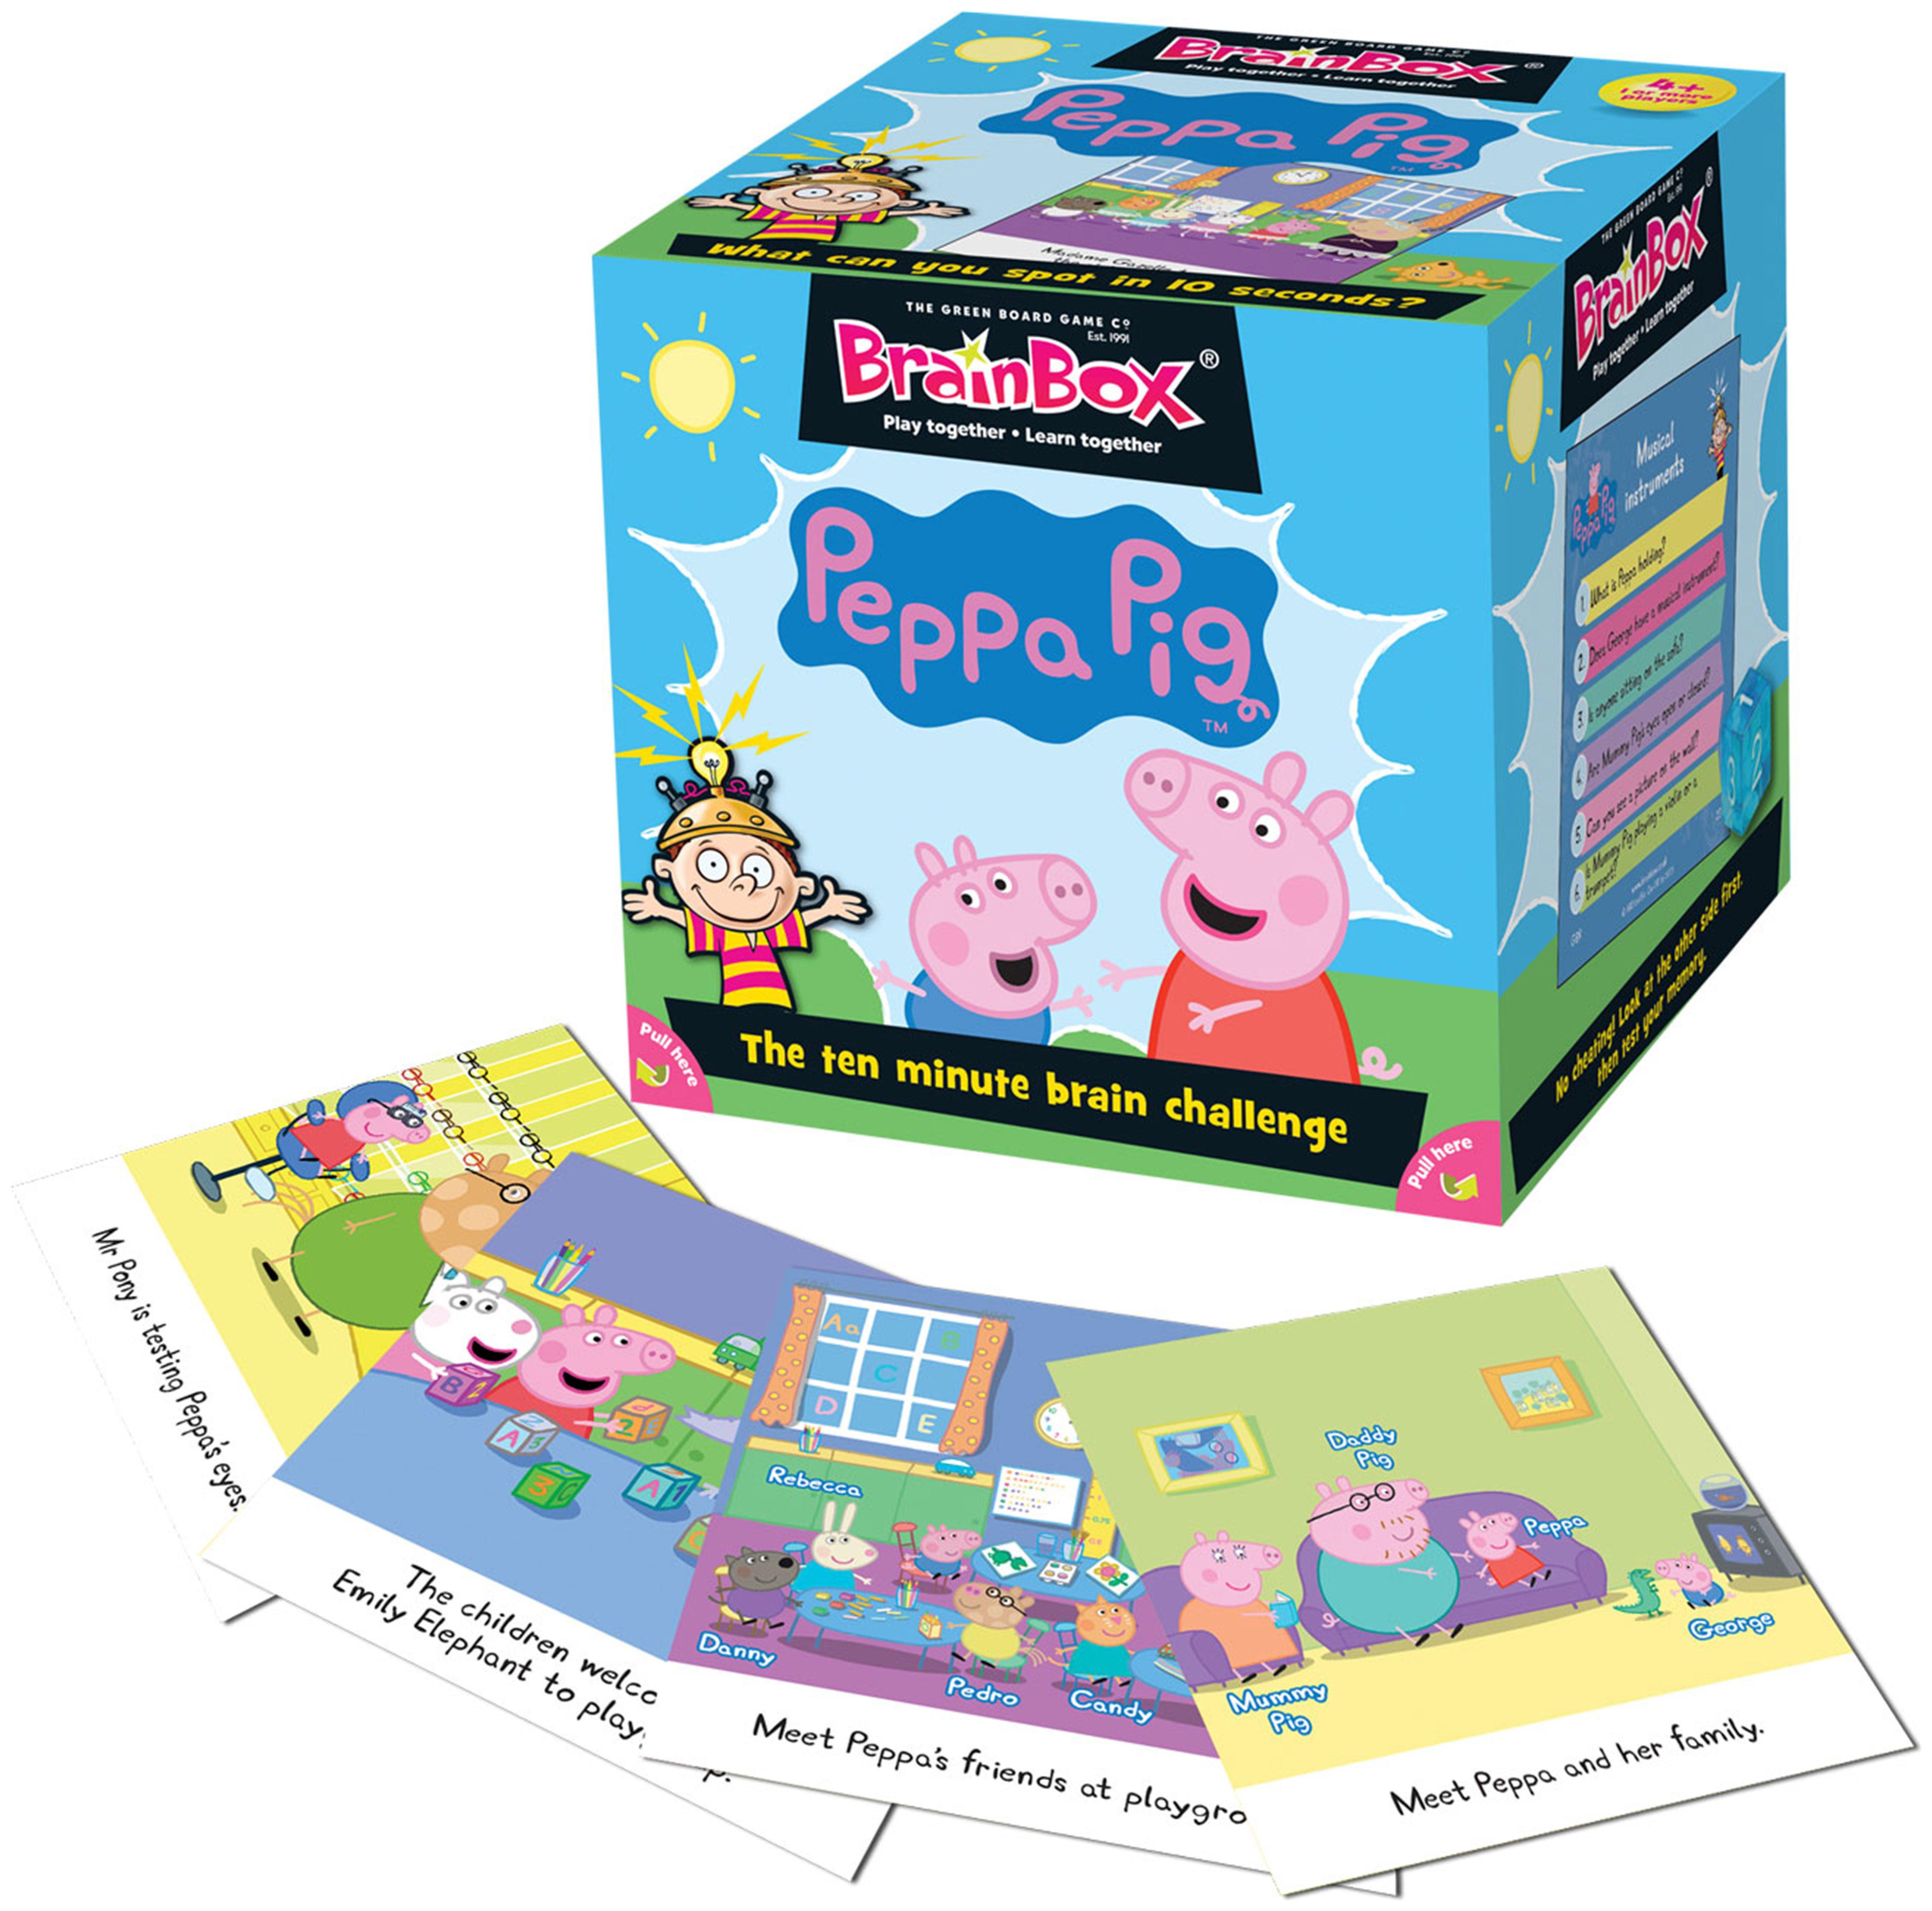 Image of Brainbox Peppa Pig Game.